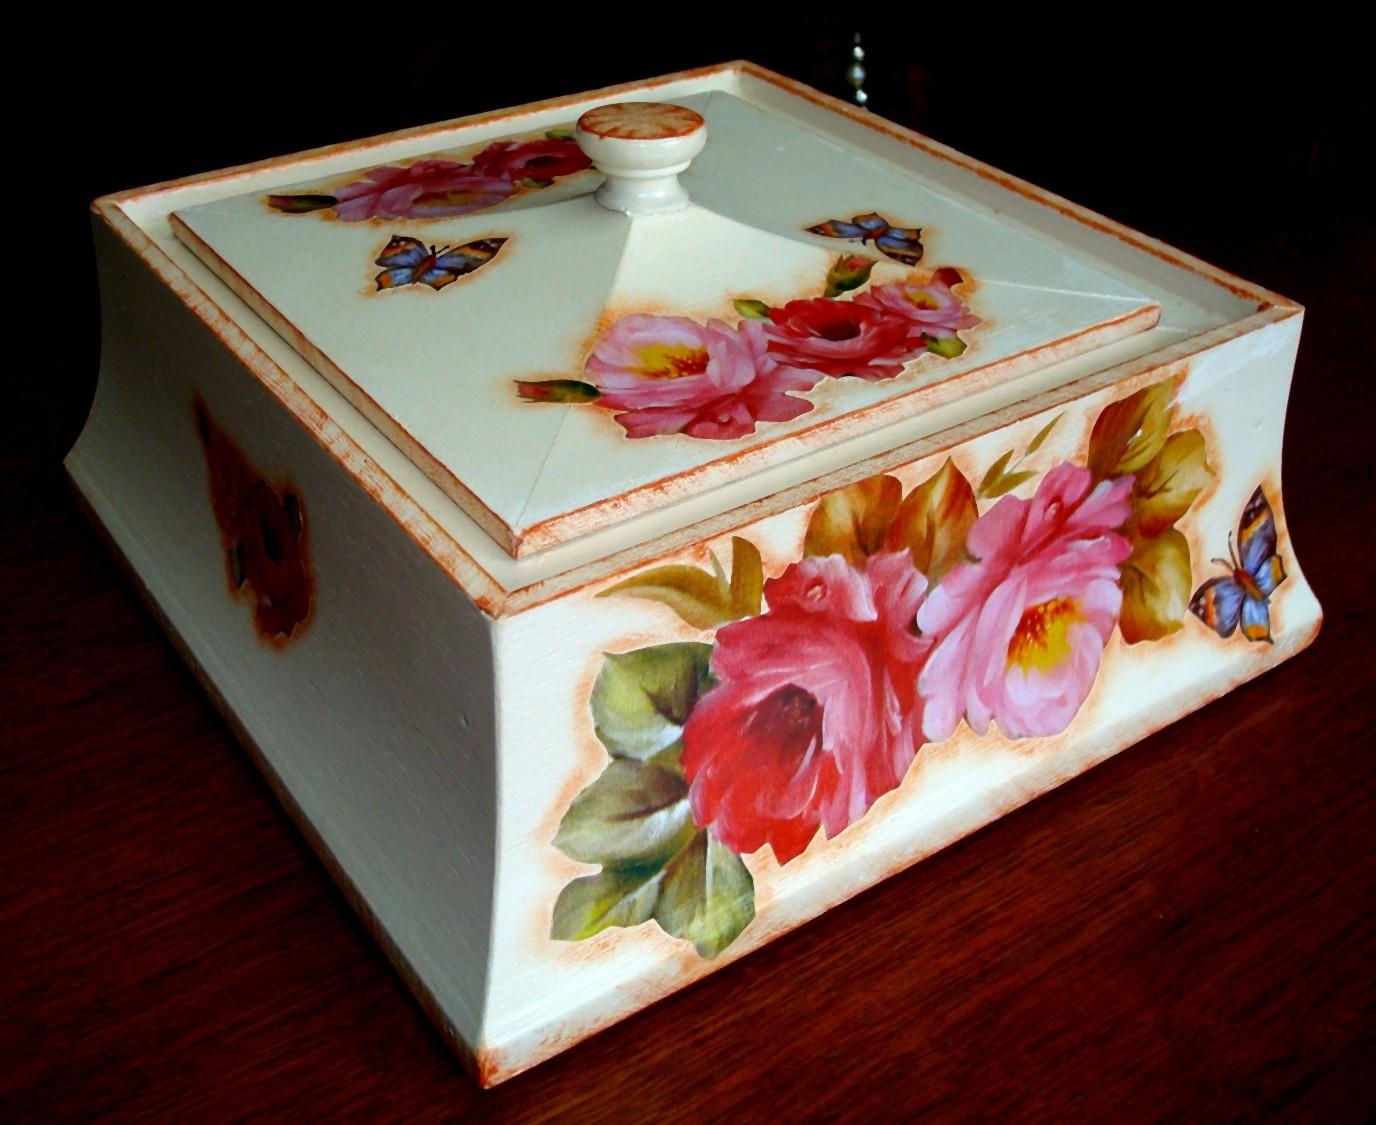 Arte em Madeira: Caixas de madeira maciça com decoupage lindas #200706 1376x1125